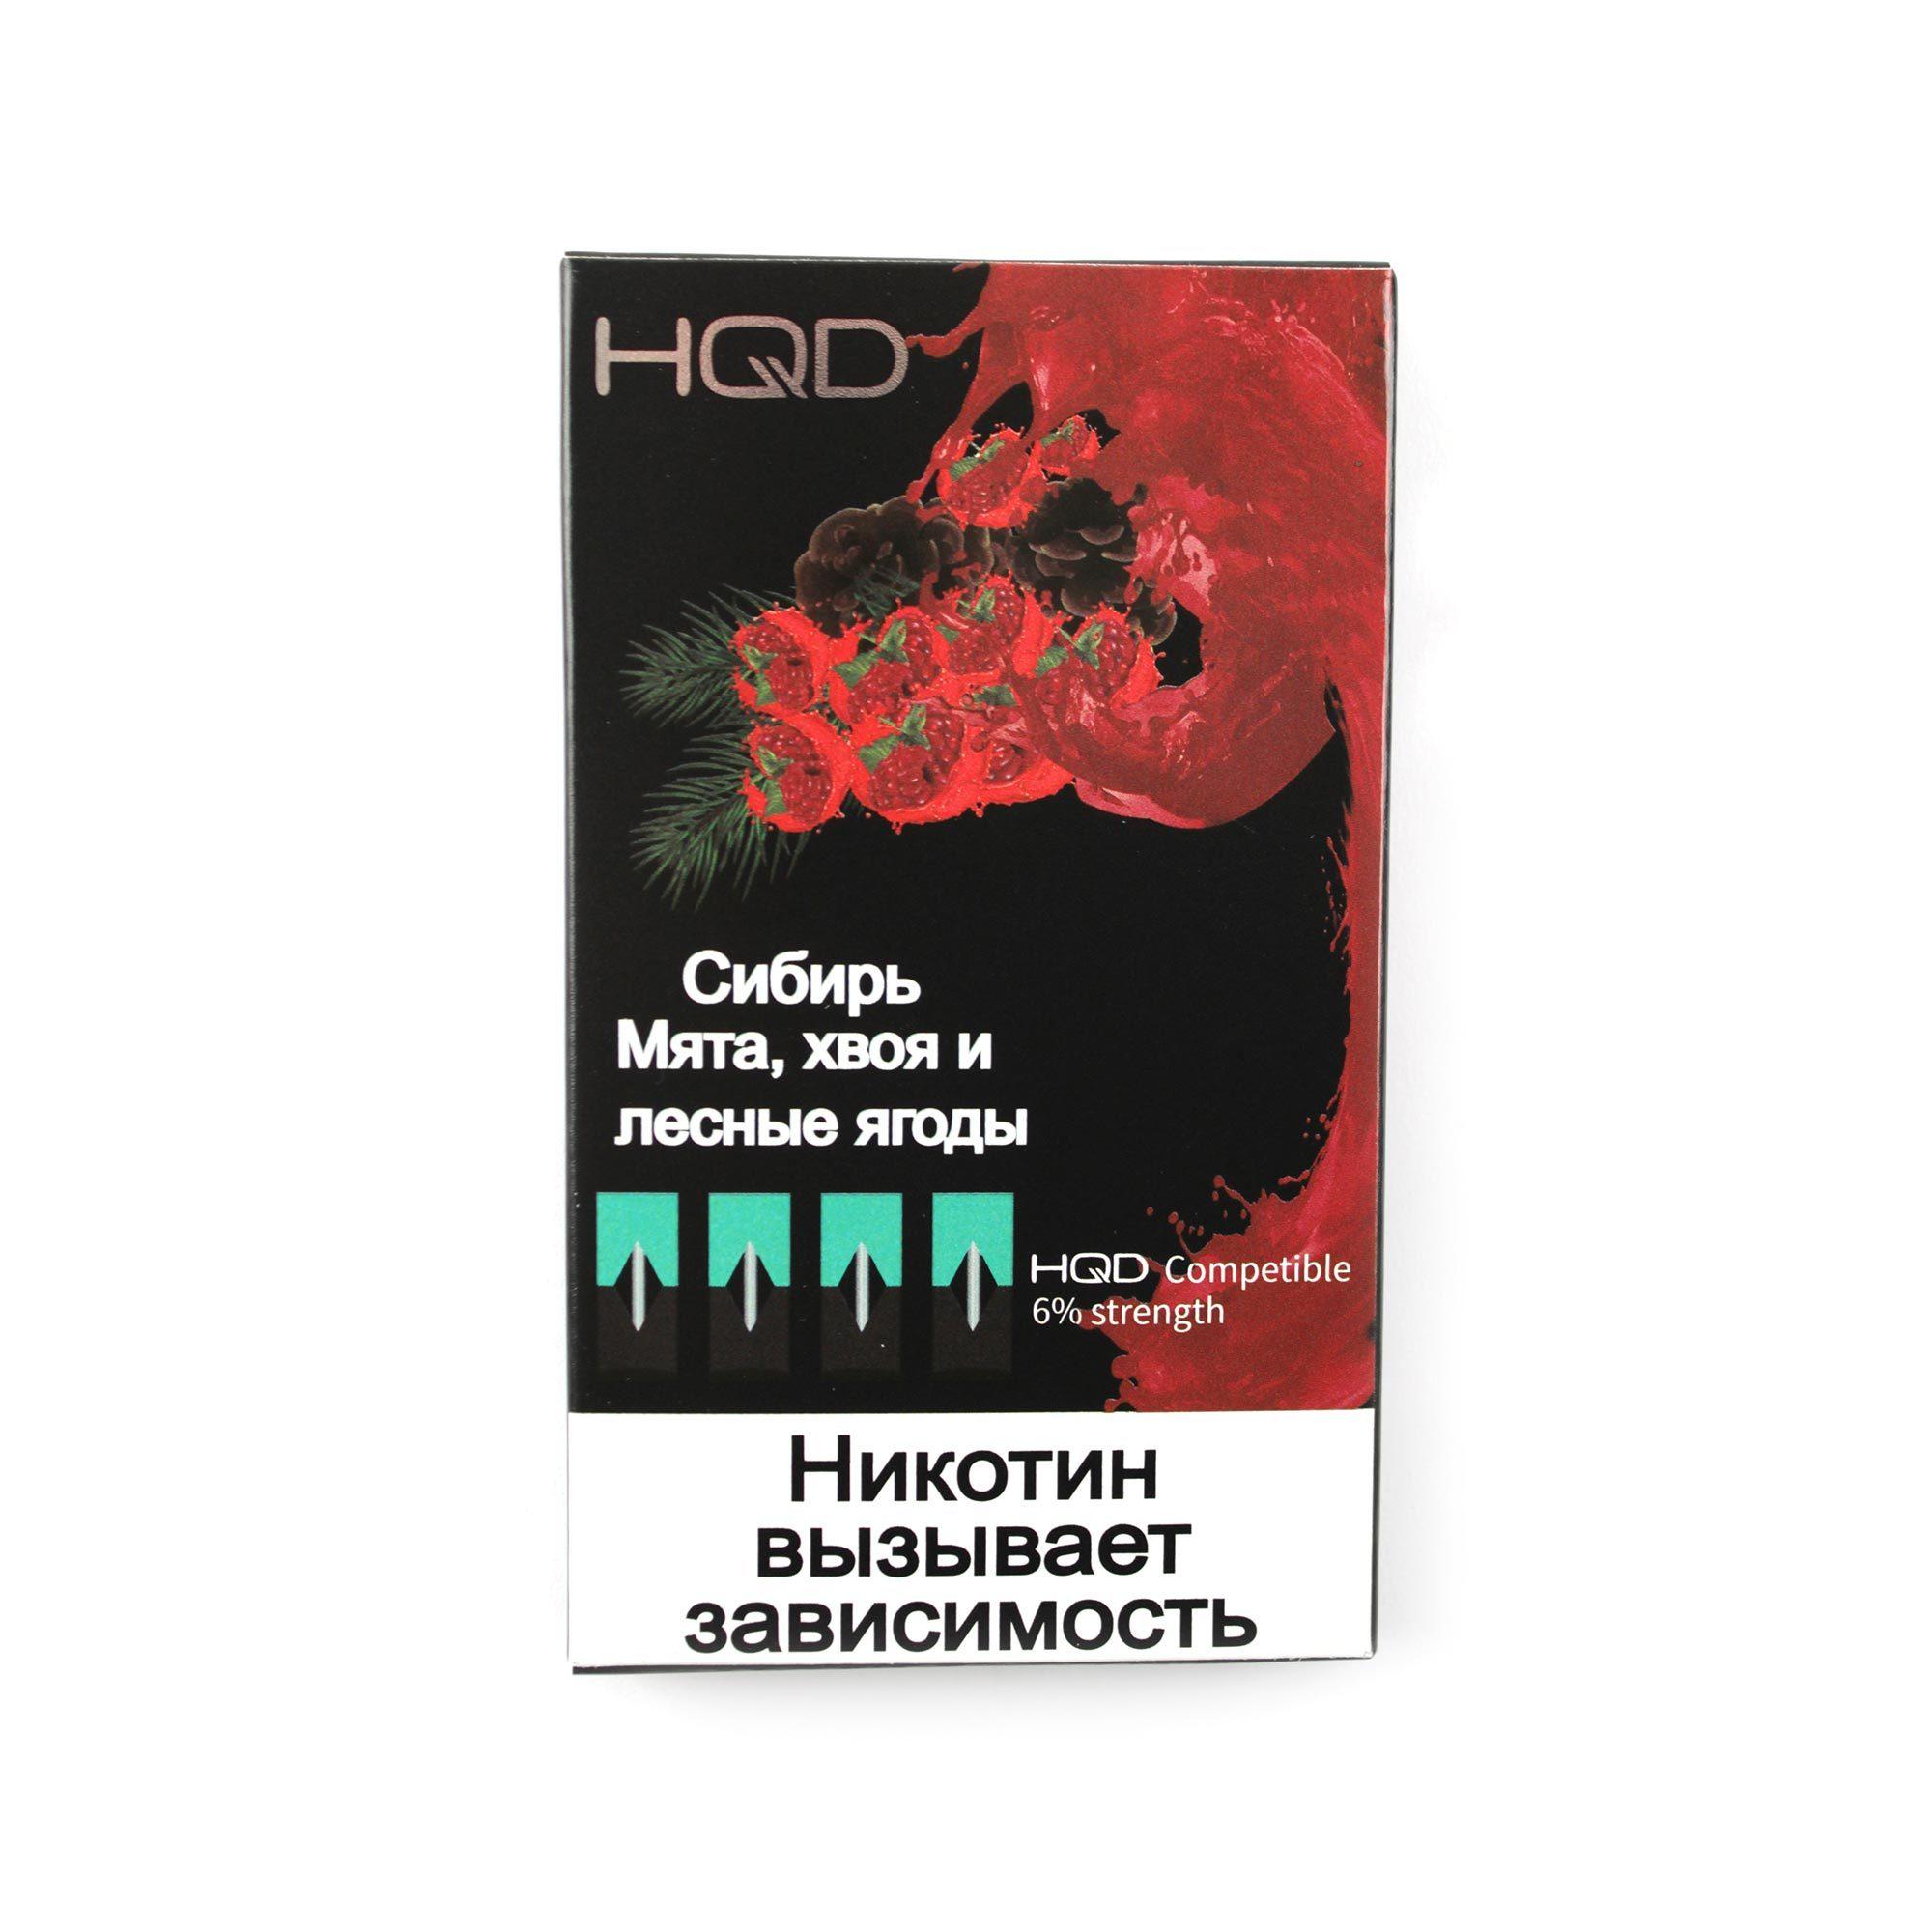 Сменный Картридж совместимый с JUUL HQD - Мята, хвоя и лесные ягоды х4, 60 мг